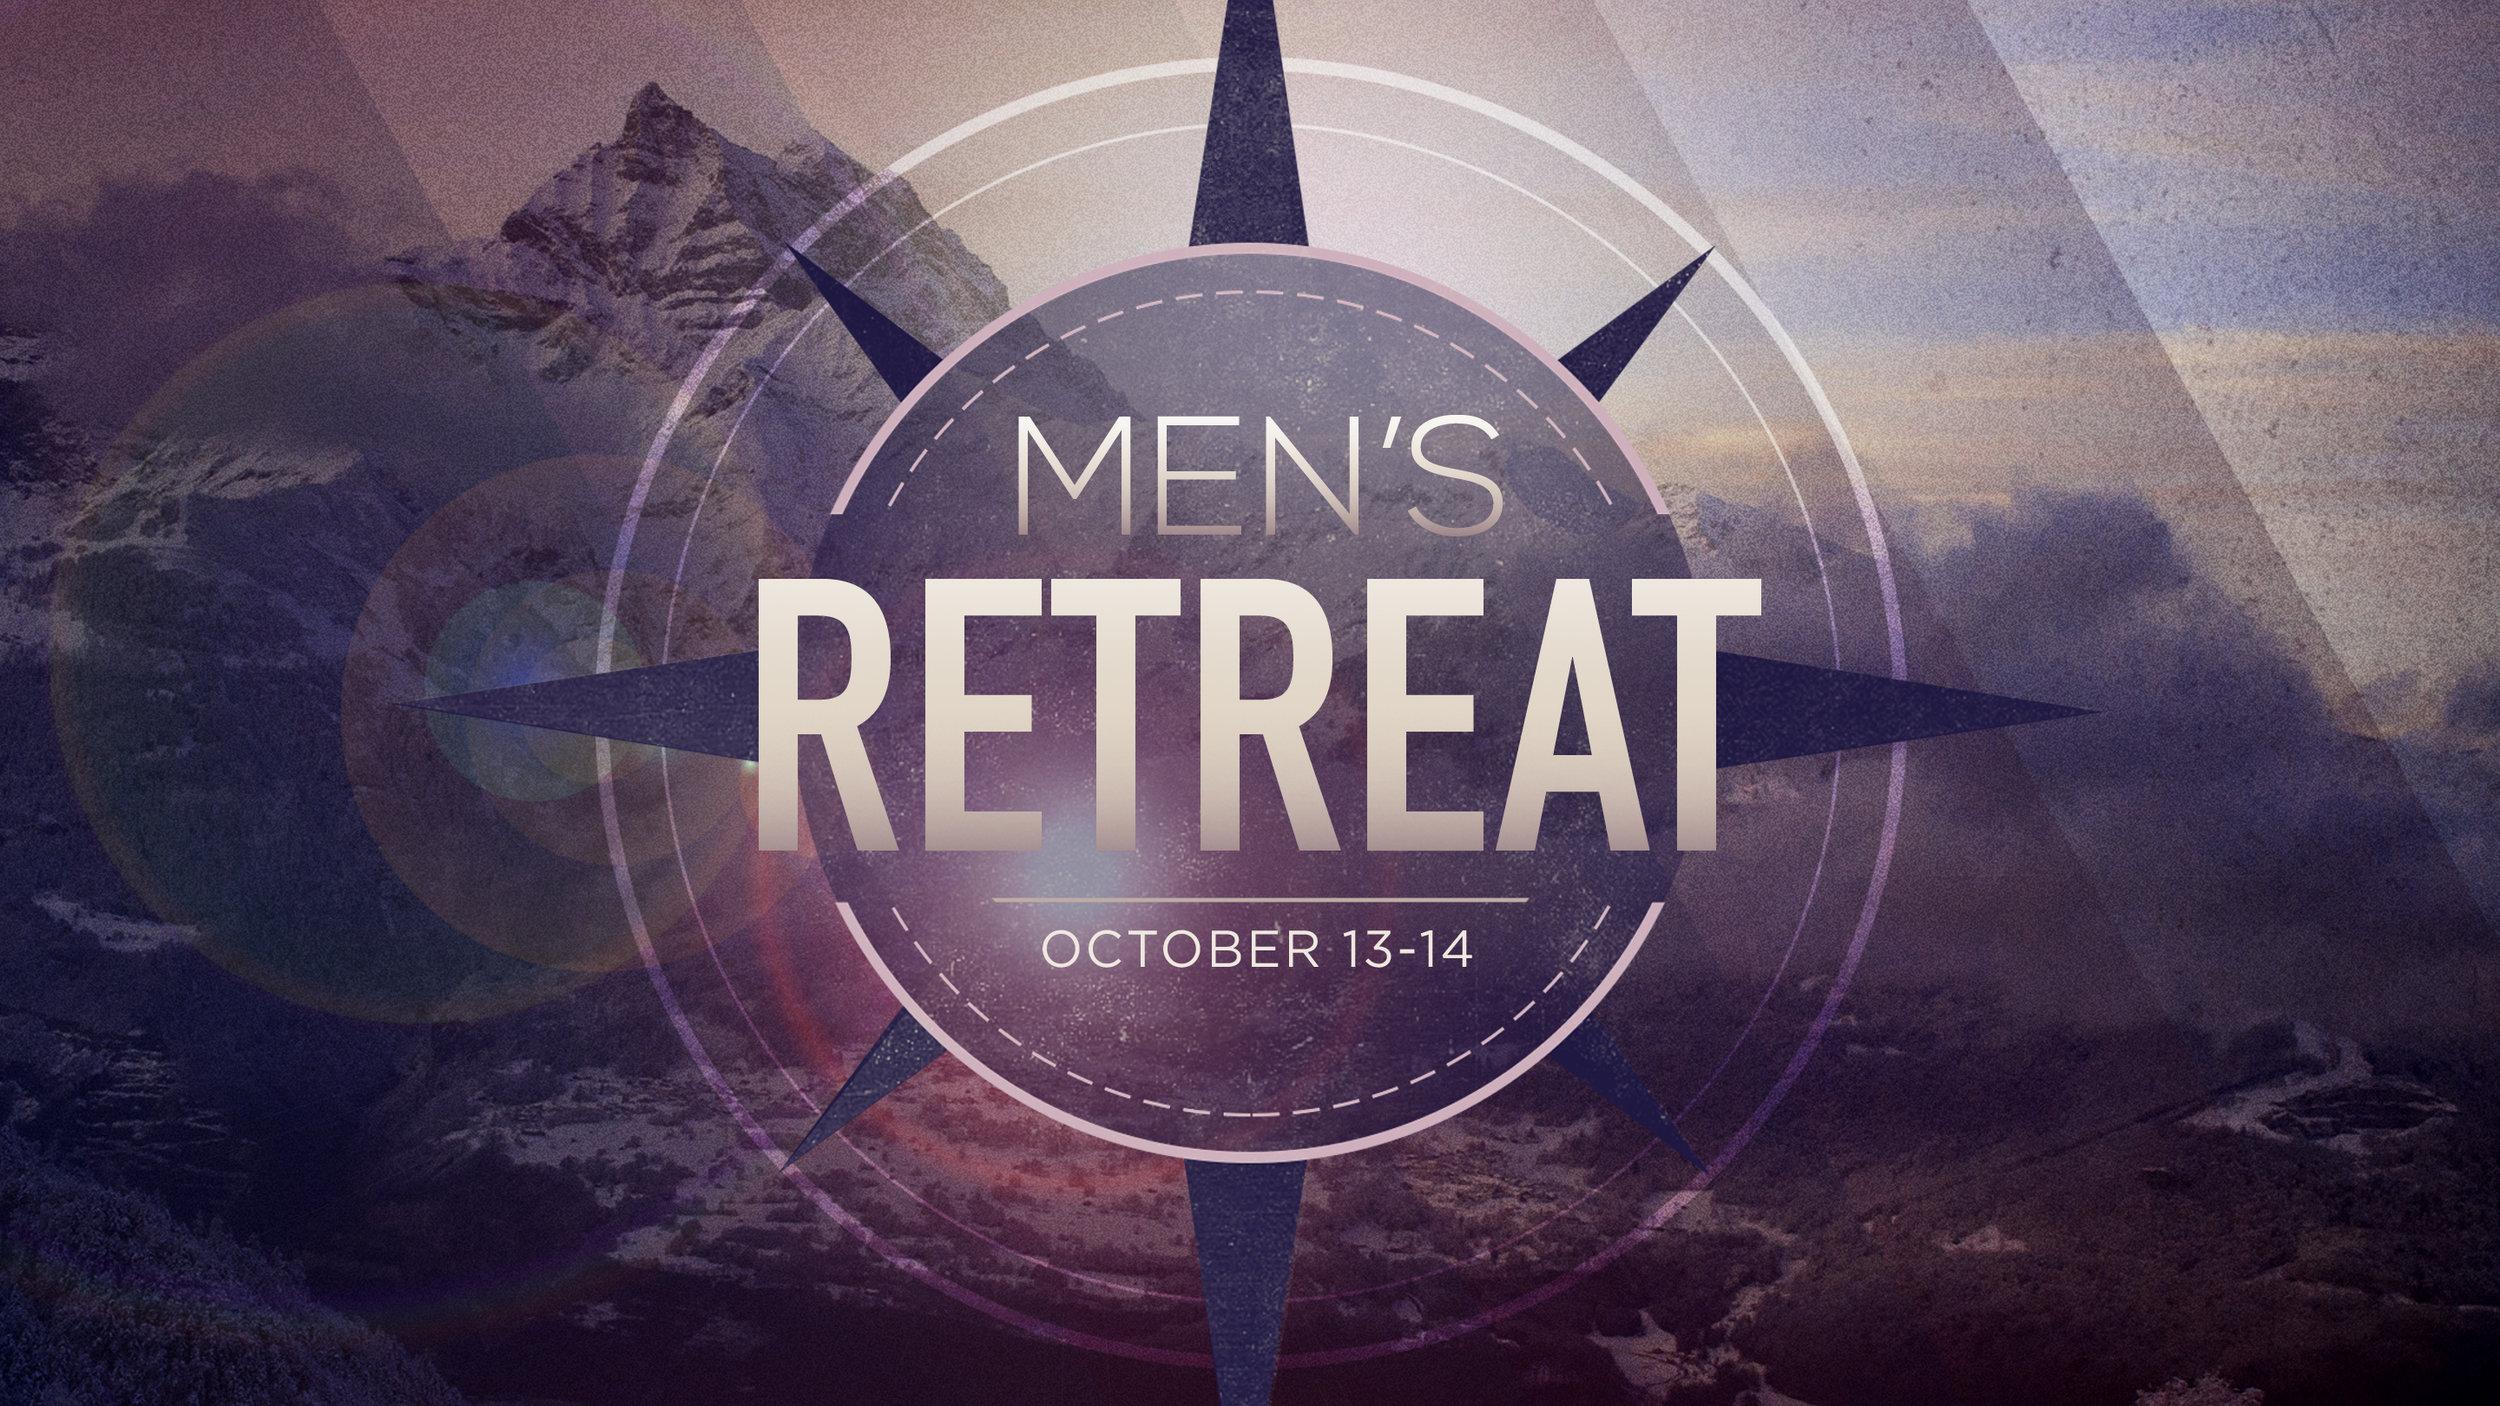 Men's Retreat 2017.jpg